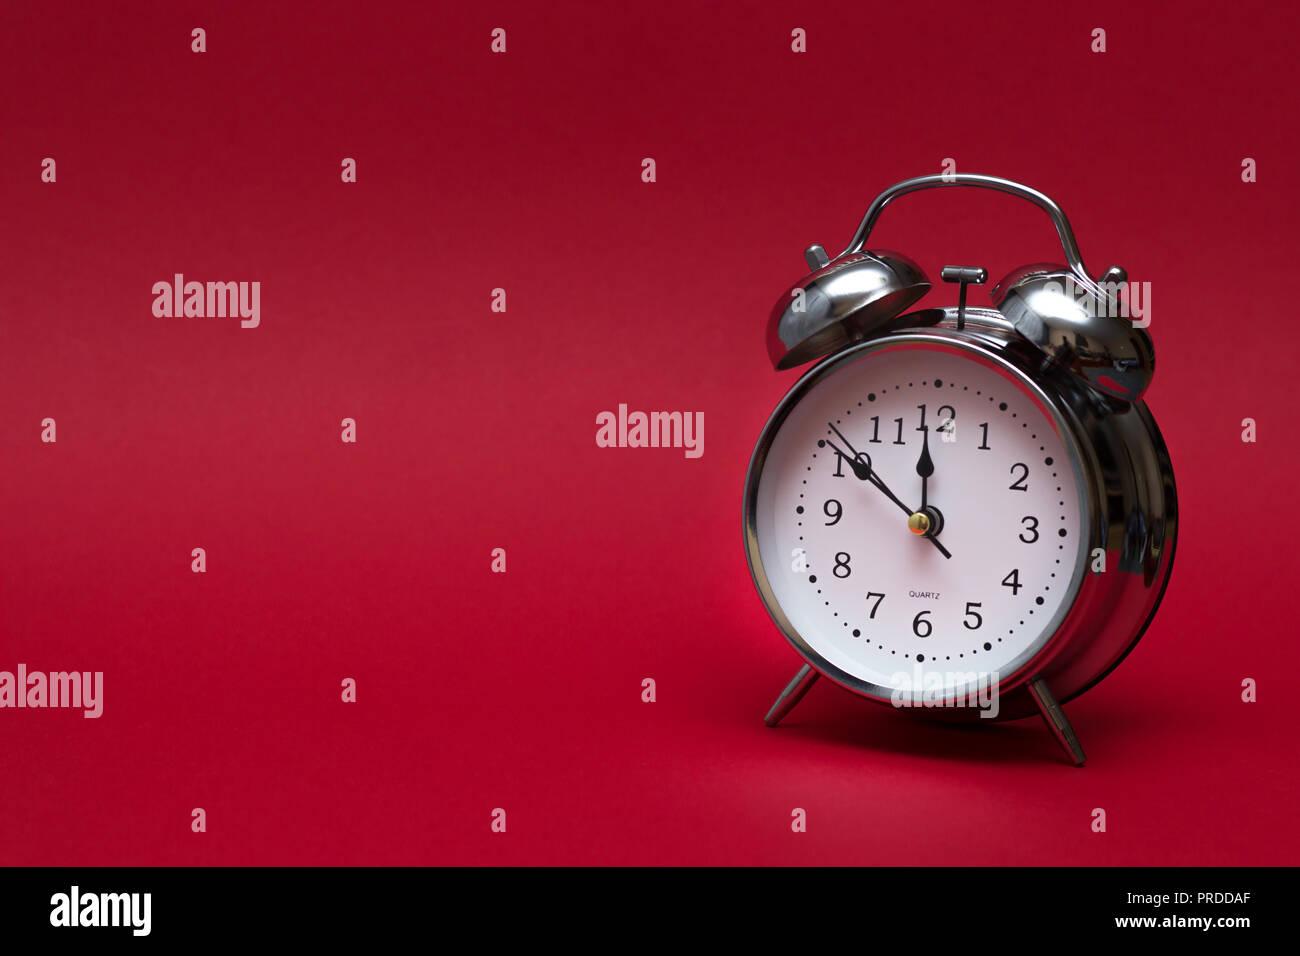 Rot Wecker auf roten Hintergrund. Nahaufnahme. Ansicht von oben. Für zeit Konzept. Stockfoto